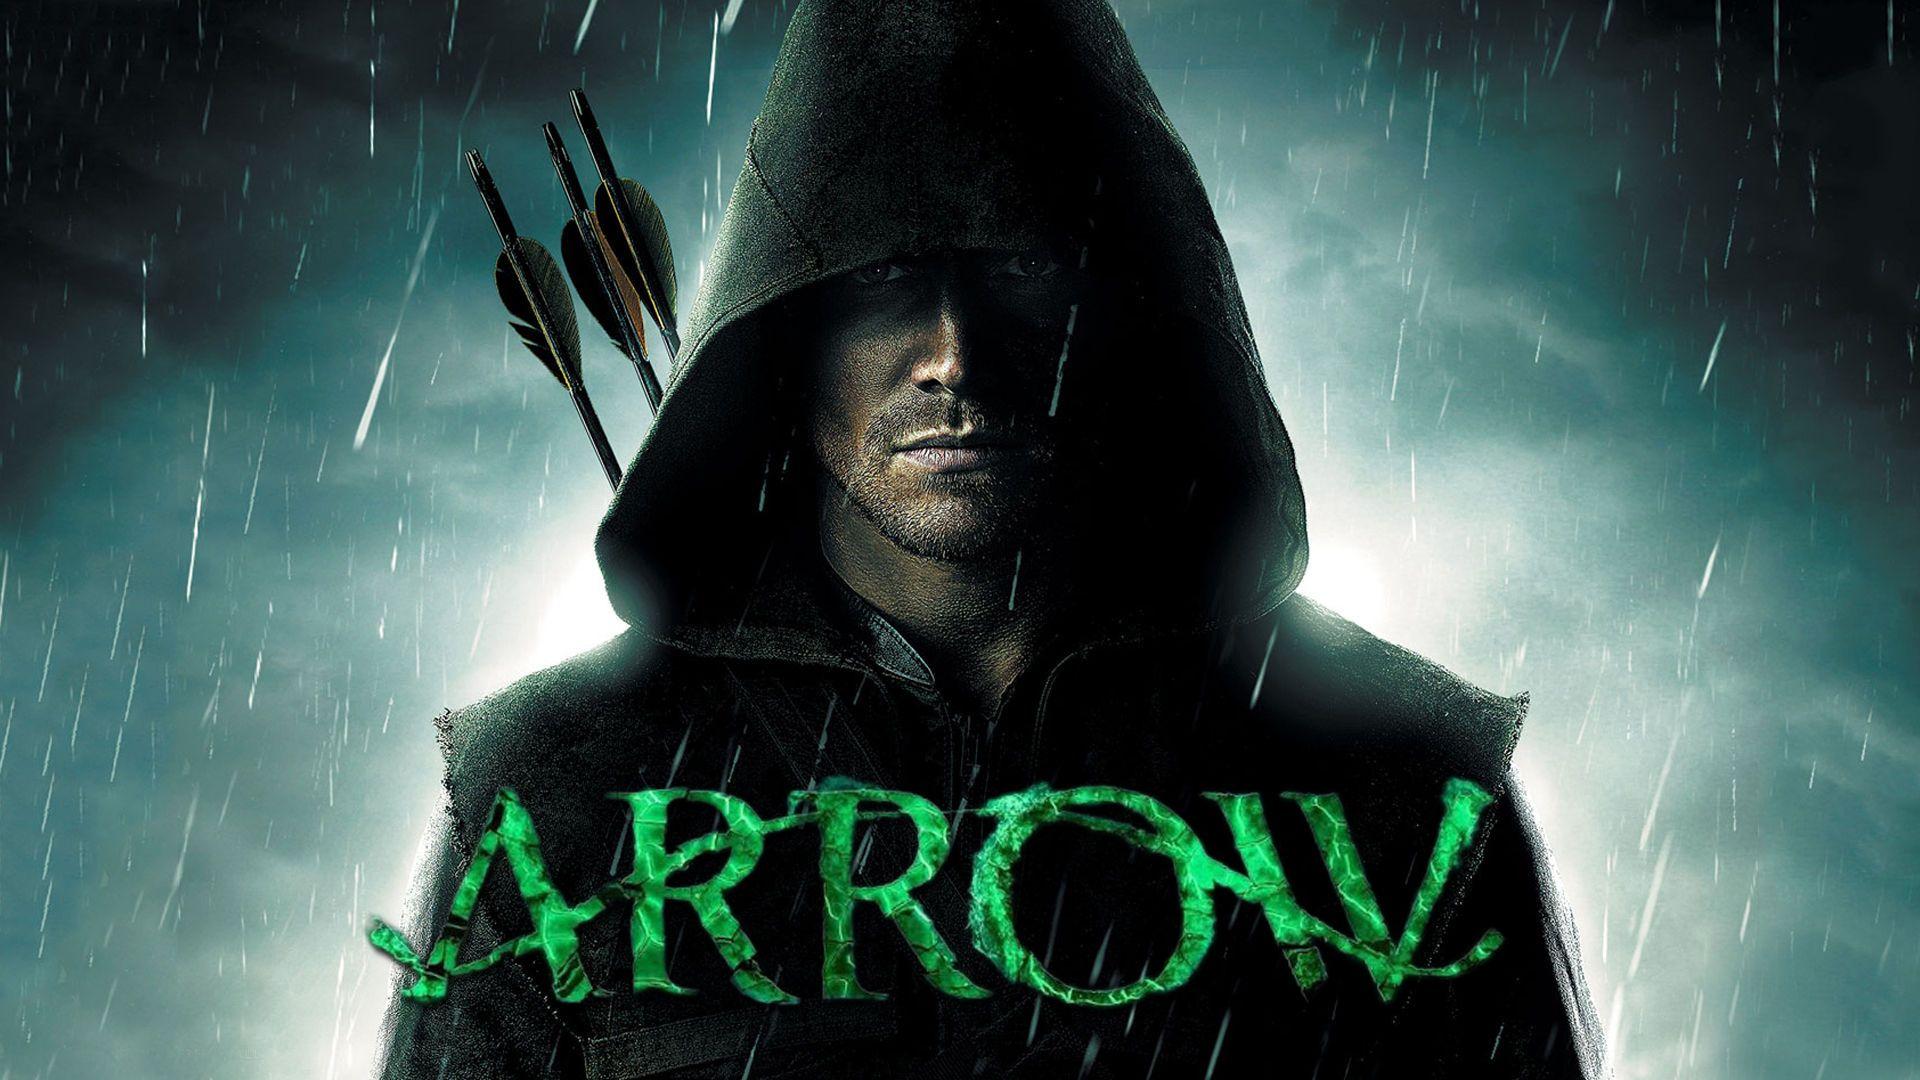 Arrow HD Wallpapers Find best latest Arrow HD Wallpapers